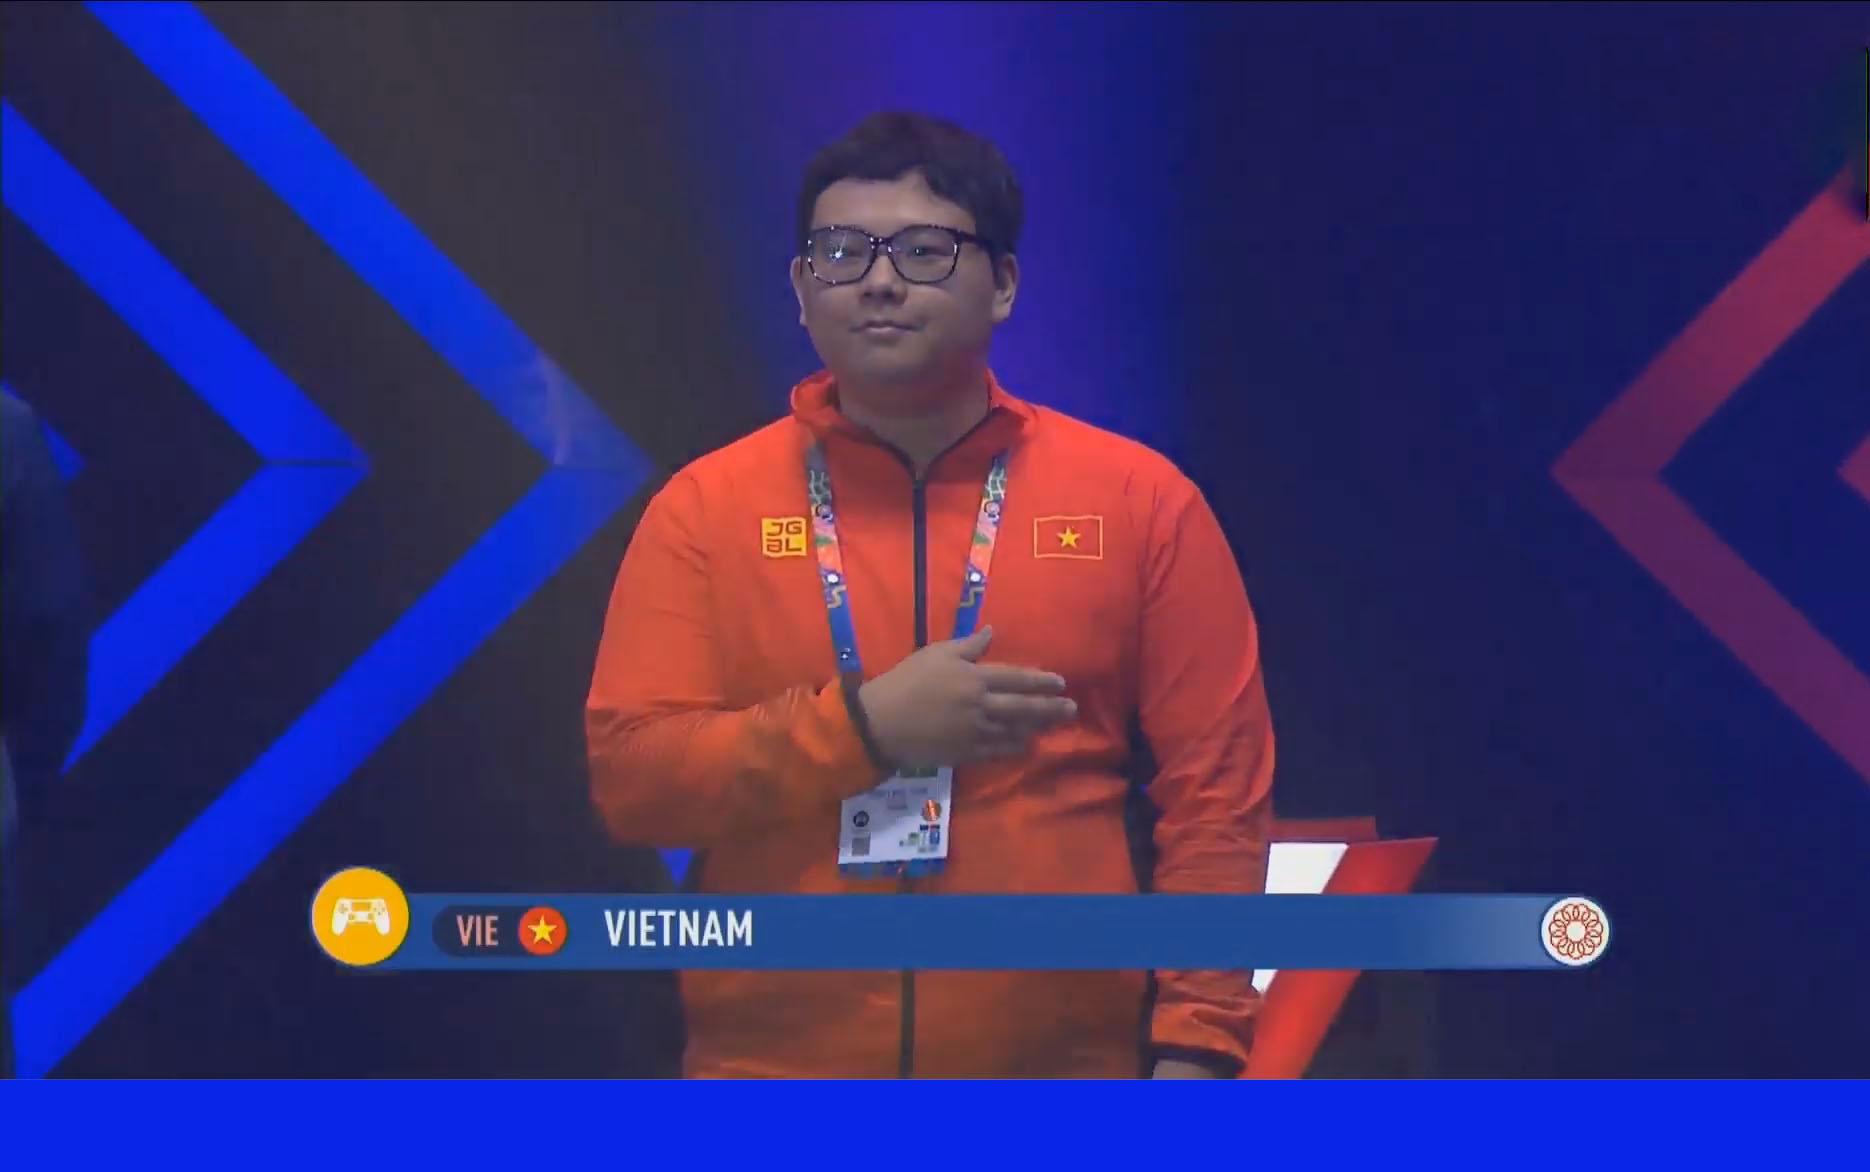 Trực tiếp: Ngày thi đấu thứ nhất của đoàn eSports Việt Nam